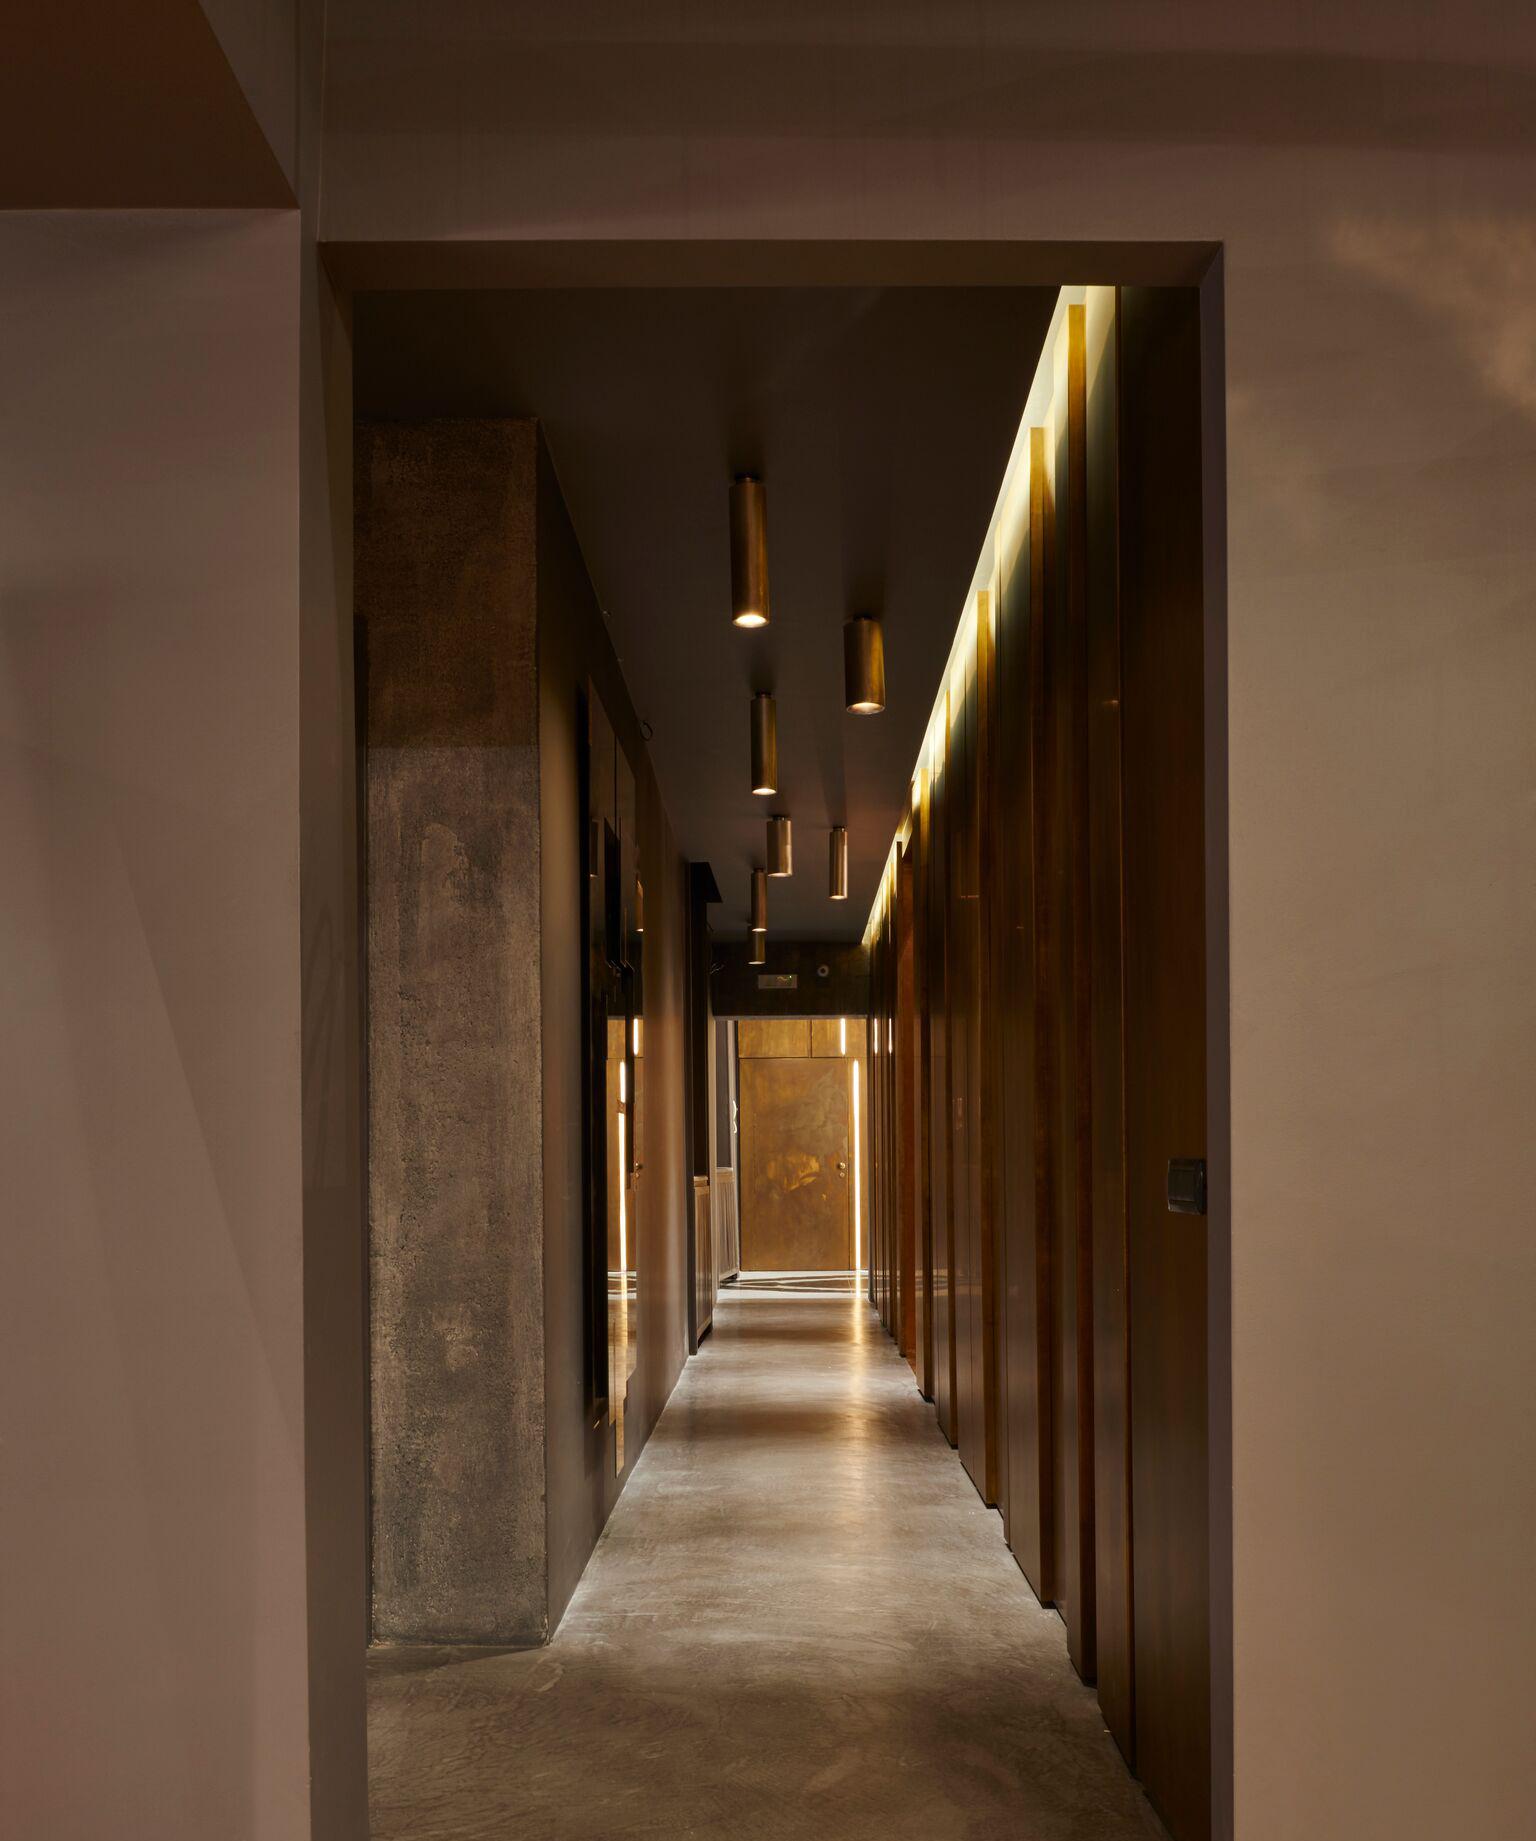 Atelier-Henge-corridor-Tele-light.jpg